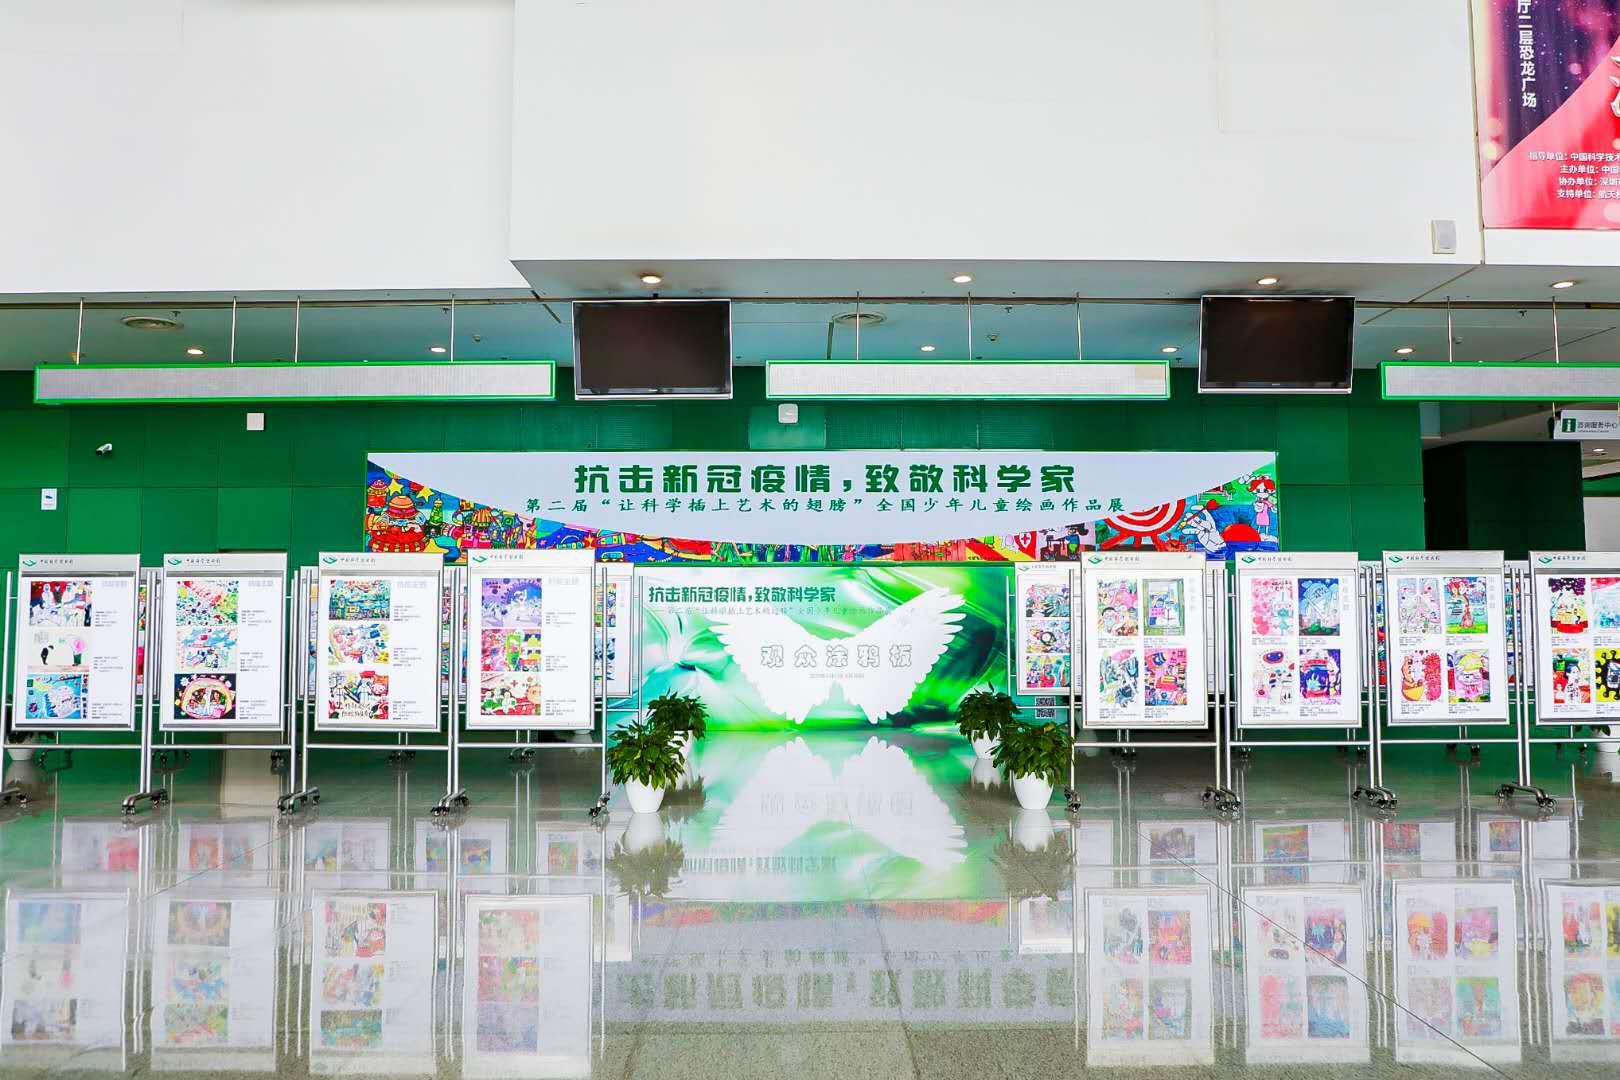 中国科技馆明天恢复开馆 4个新展览亮相图片